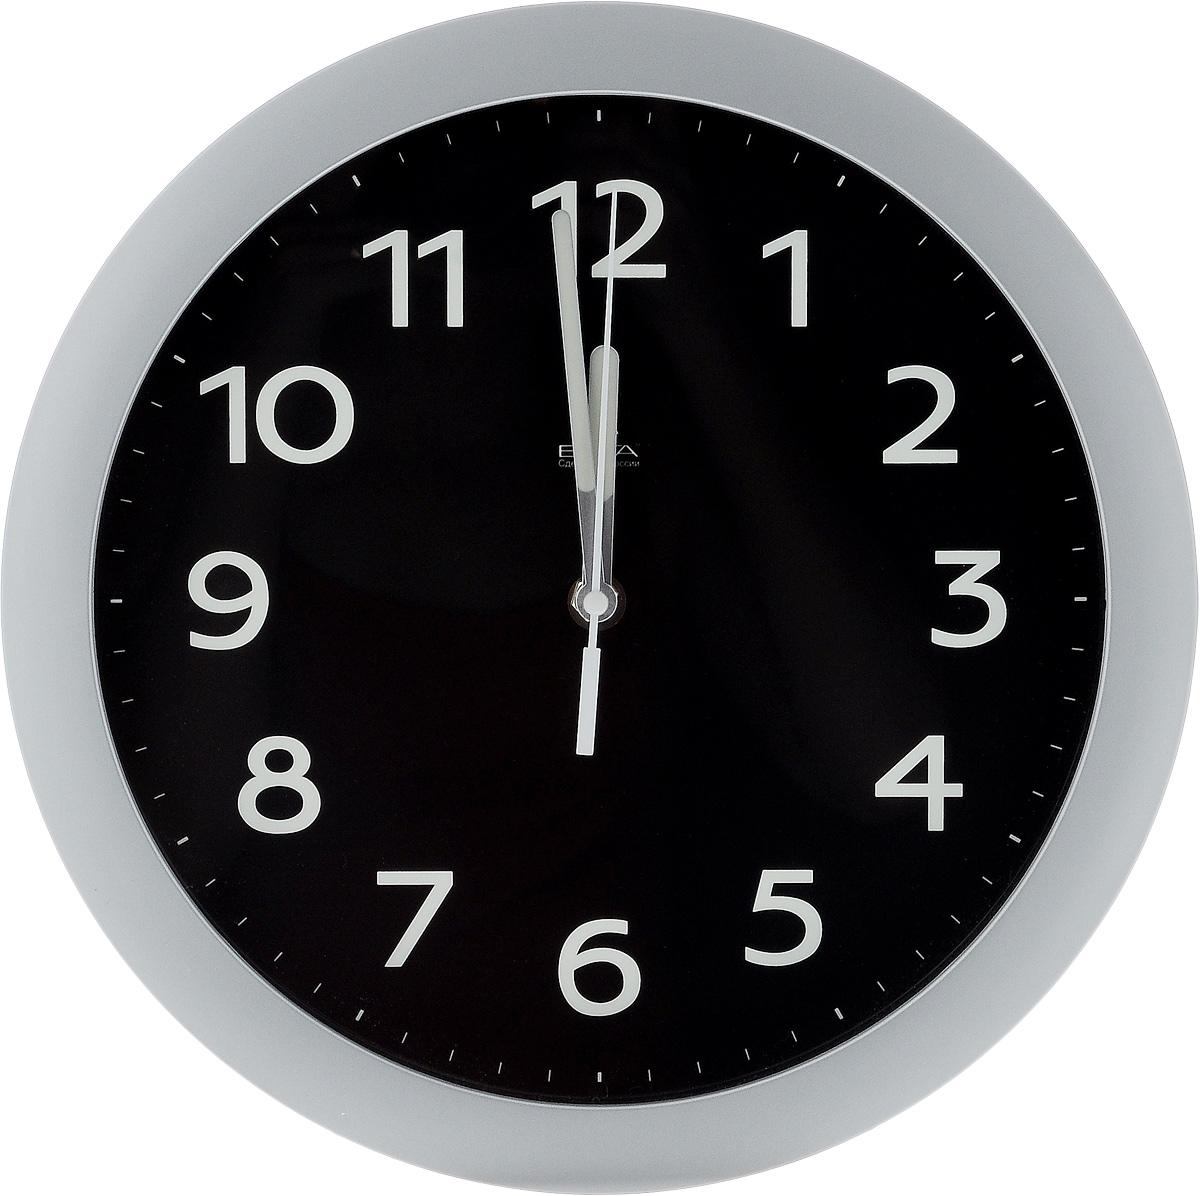 Часы настенные Вега Фосфор, диаметр 28,5 см94672Настенные кварцевые часы Вега Фосфор, изготовленные из пластика, прекрасно впишутся в интерьер вашего дома. Круглые часы имеют три стрелки: часовую, минутную и секундную, циферблат защищен прозрачным стеклом. Часы работают от 1 батарейки типа АА напряжением 1,5 В (не входит в комплект). Диаметр часов: 28,5 см.